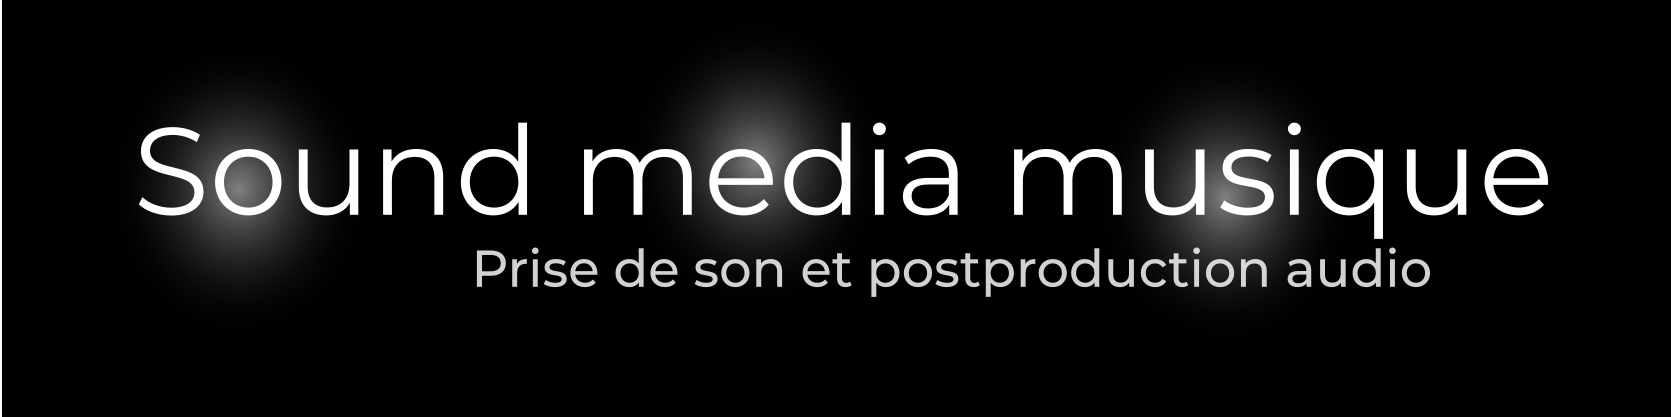 Sound media musique